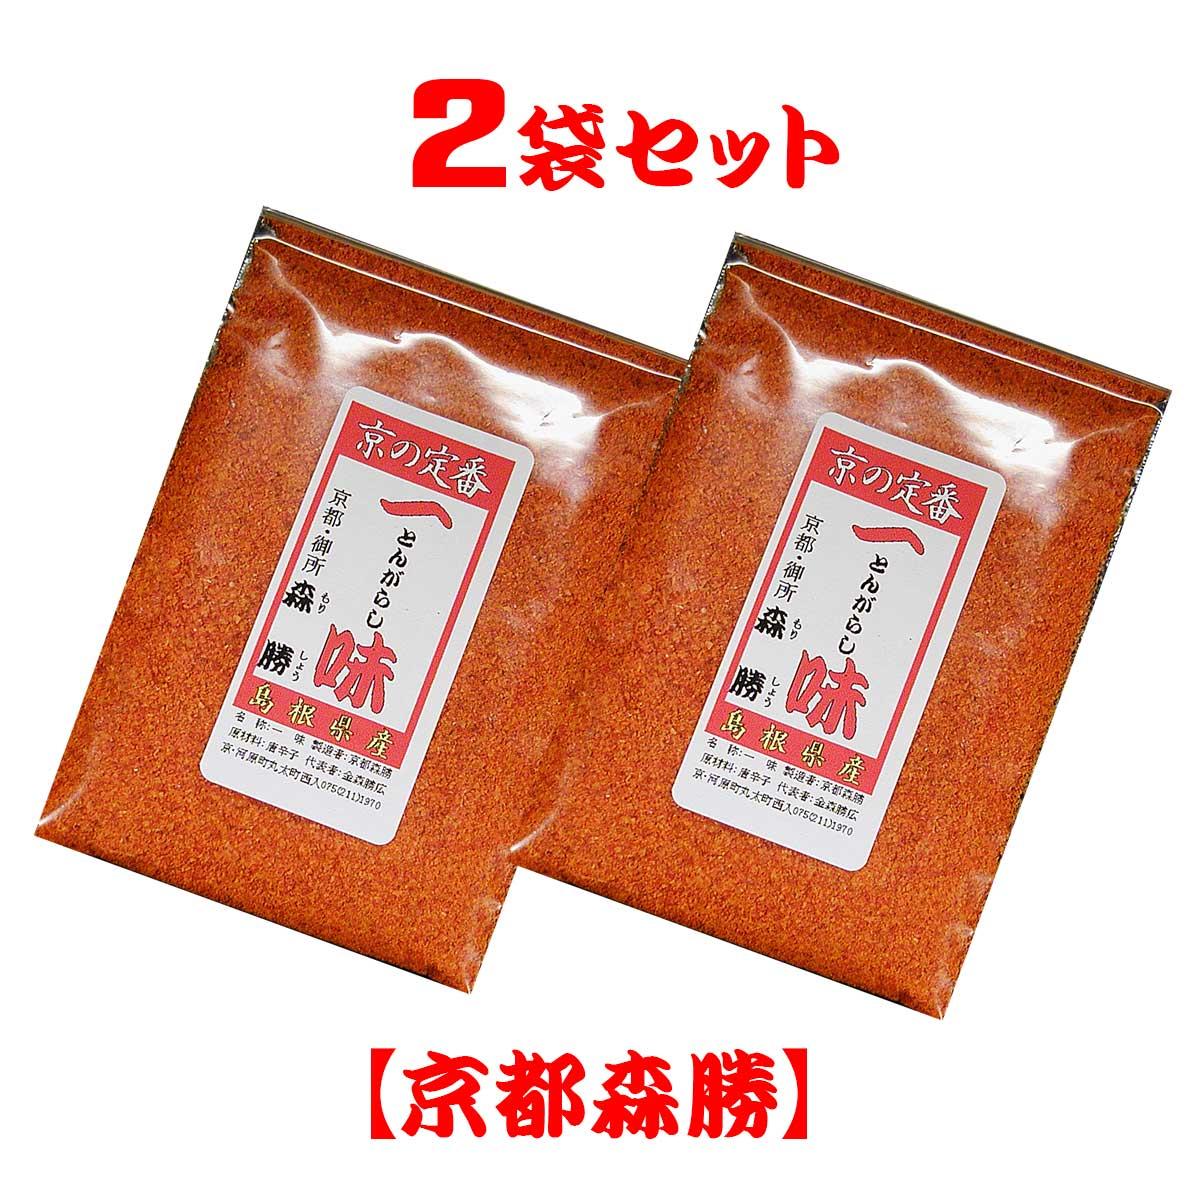 【一味唐辛子10g】2袋セット ☆国産:島根県産京都では定番のピリ辛とうがらし(ポイント)